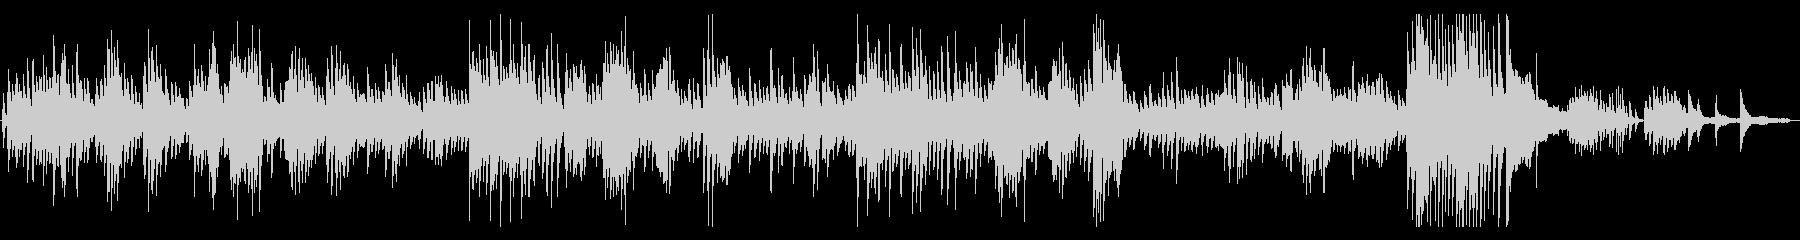 クラシック ショパンのノクターン の未再生の波形